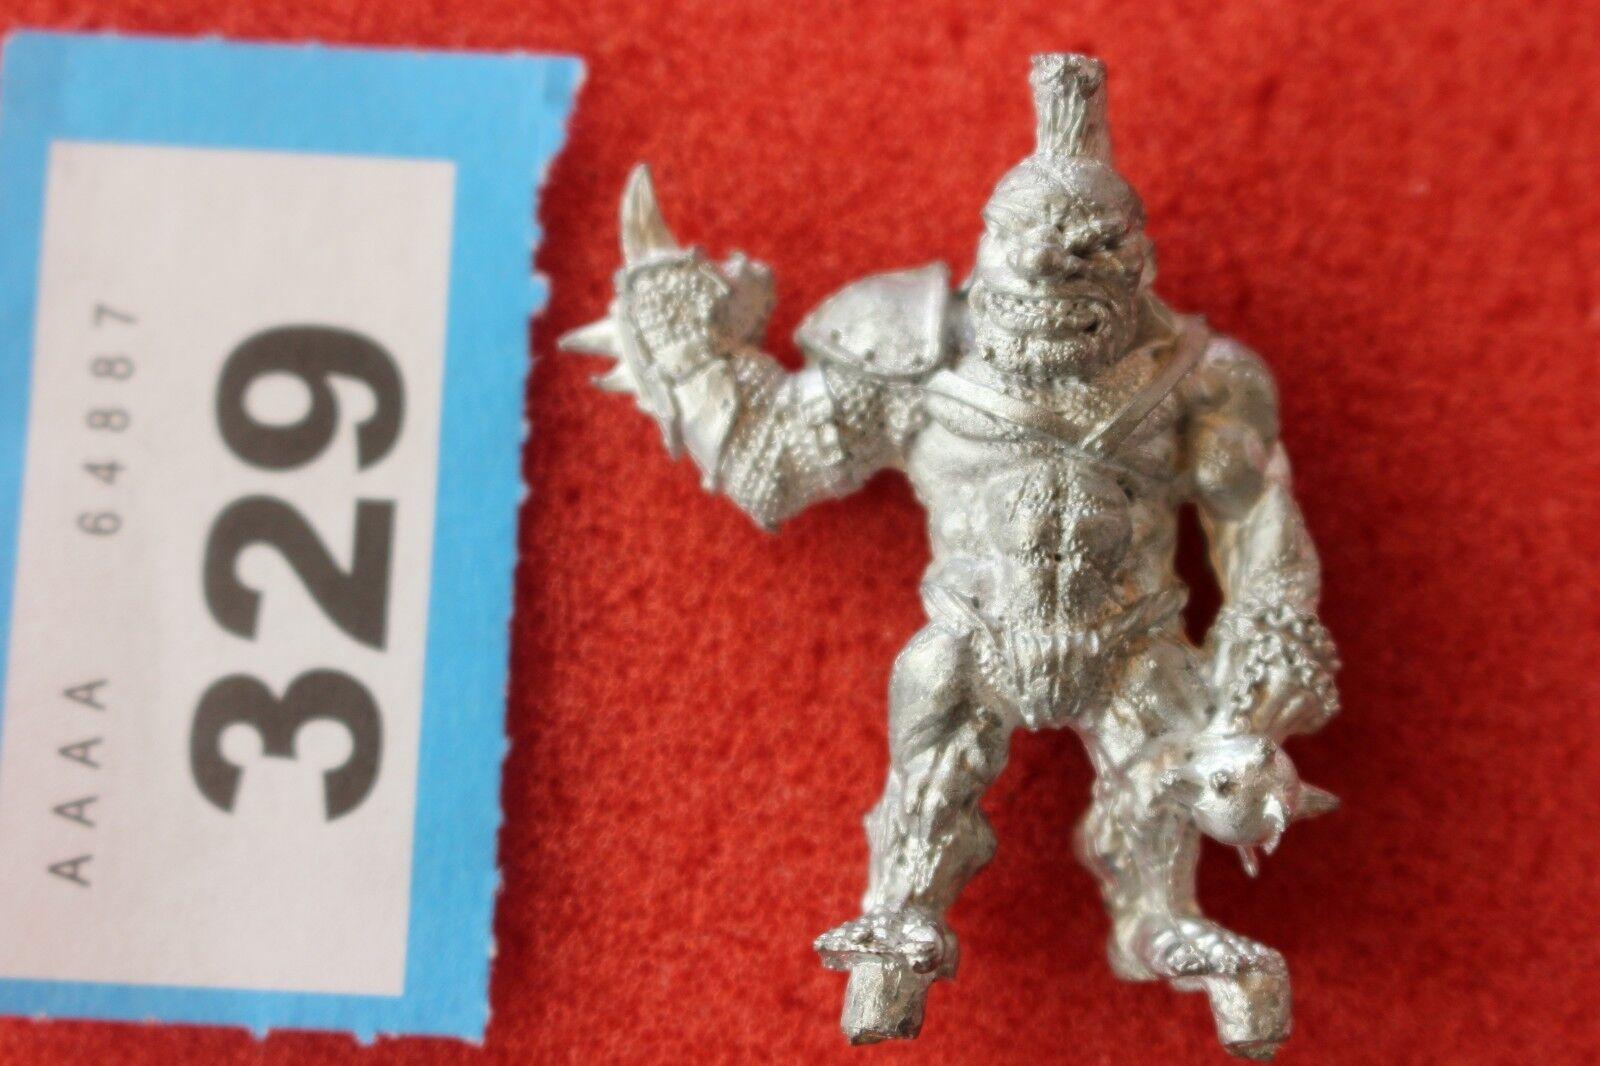 CITTADELLA C23 WARHAMMER  Orco Gigante Gladiatore giocos lavoronegozio in mettuttio fantasyc fuori catalogo  vendite online